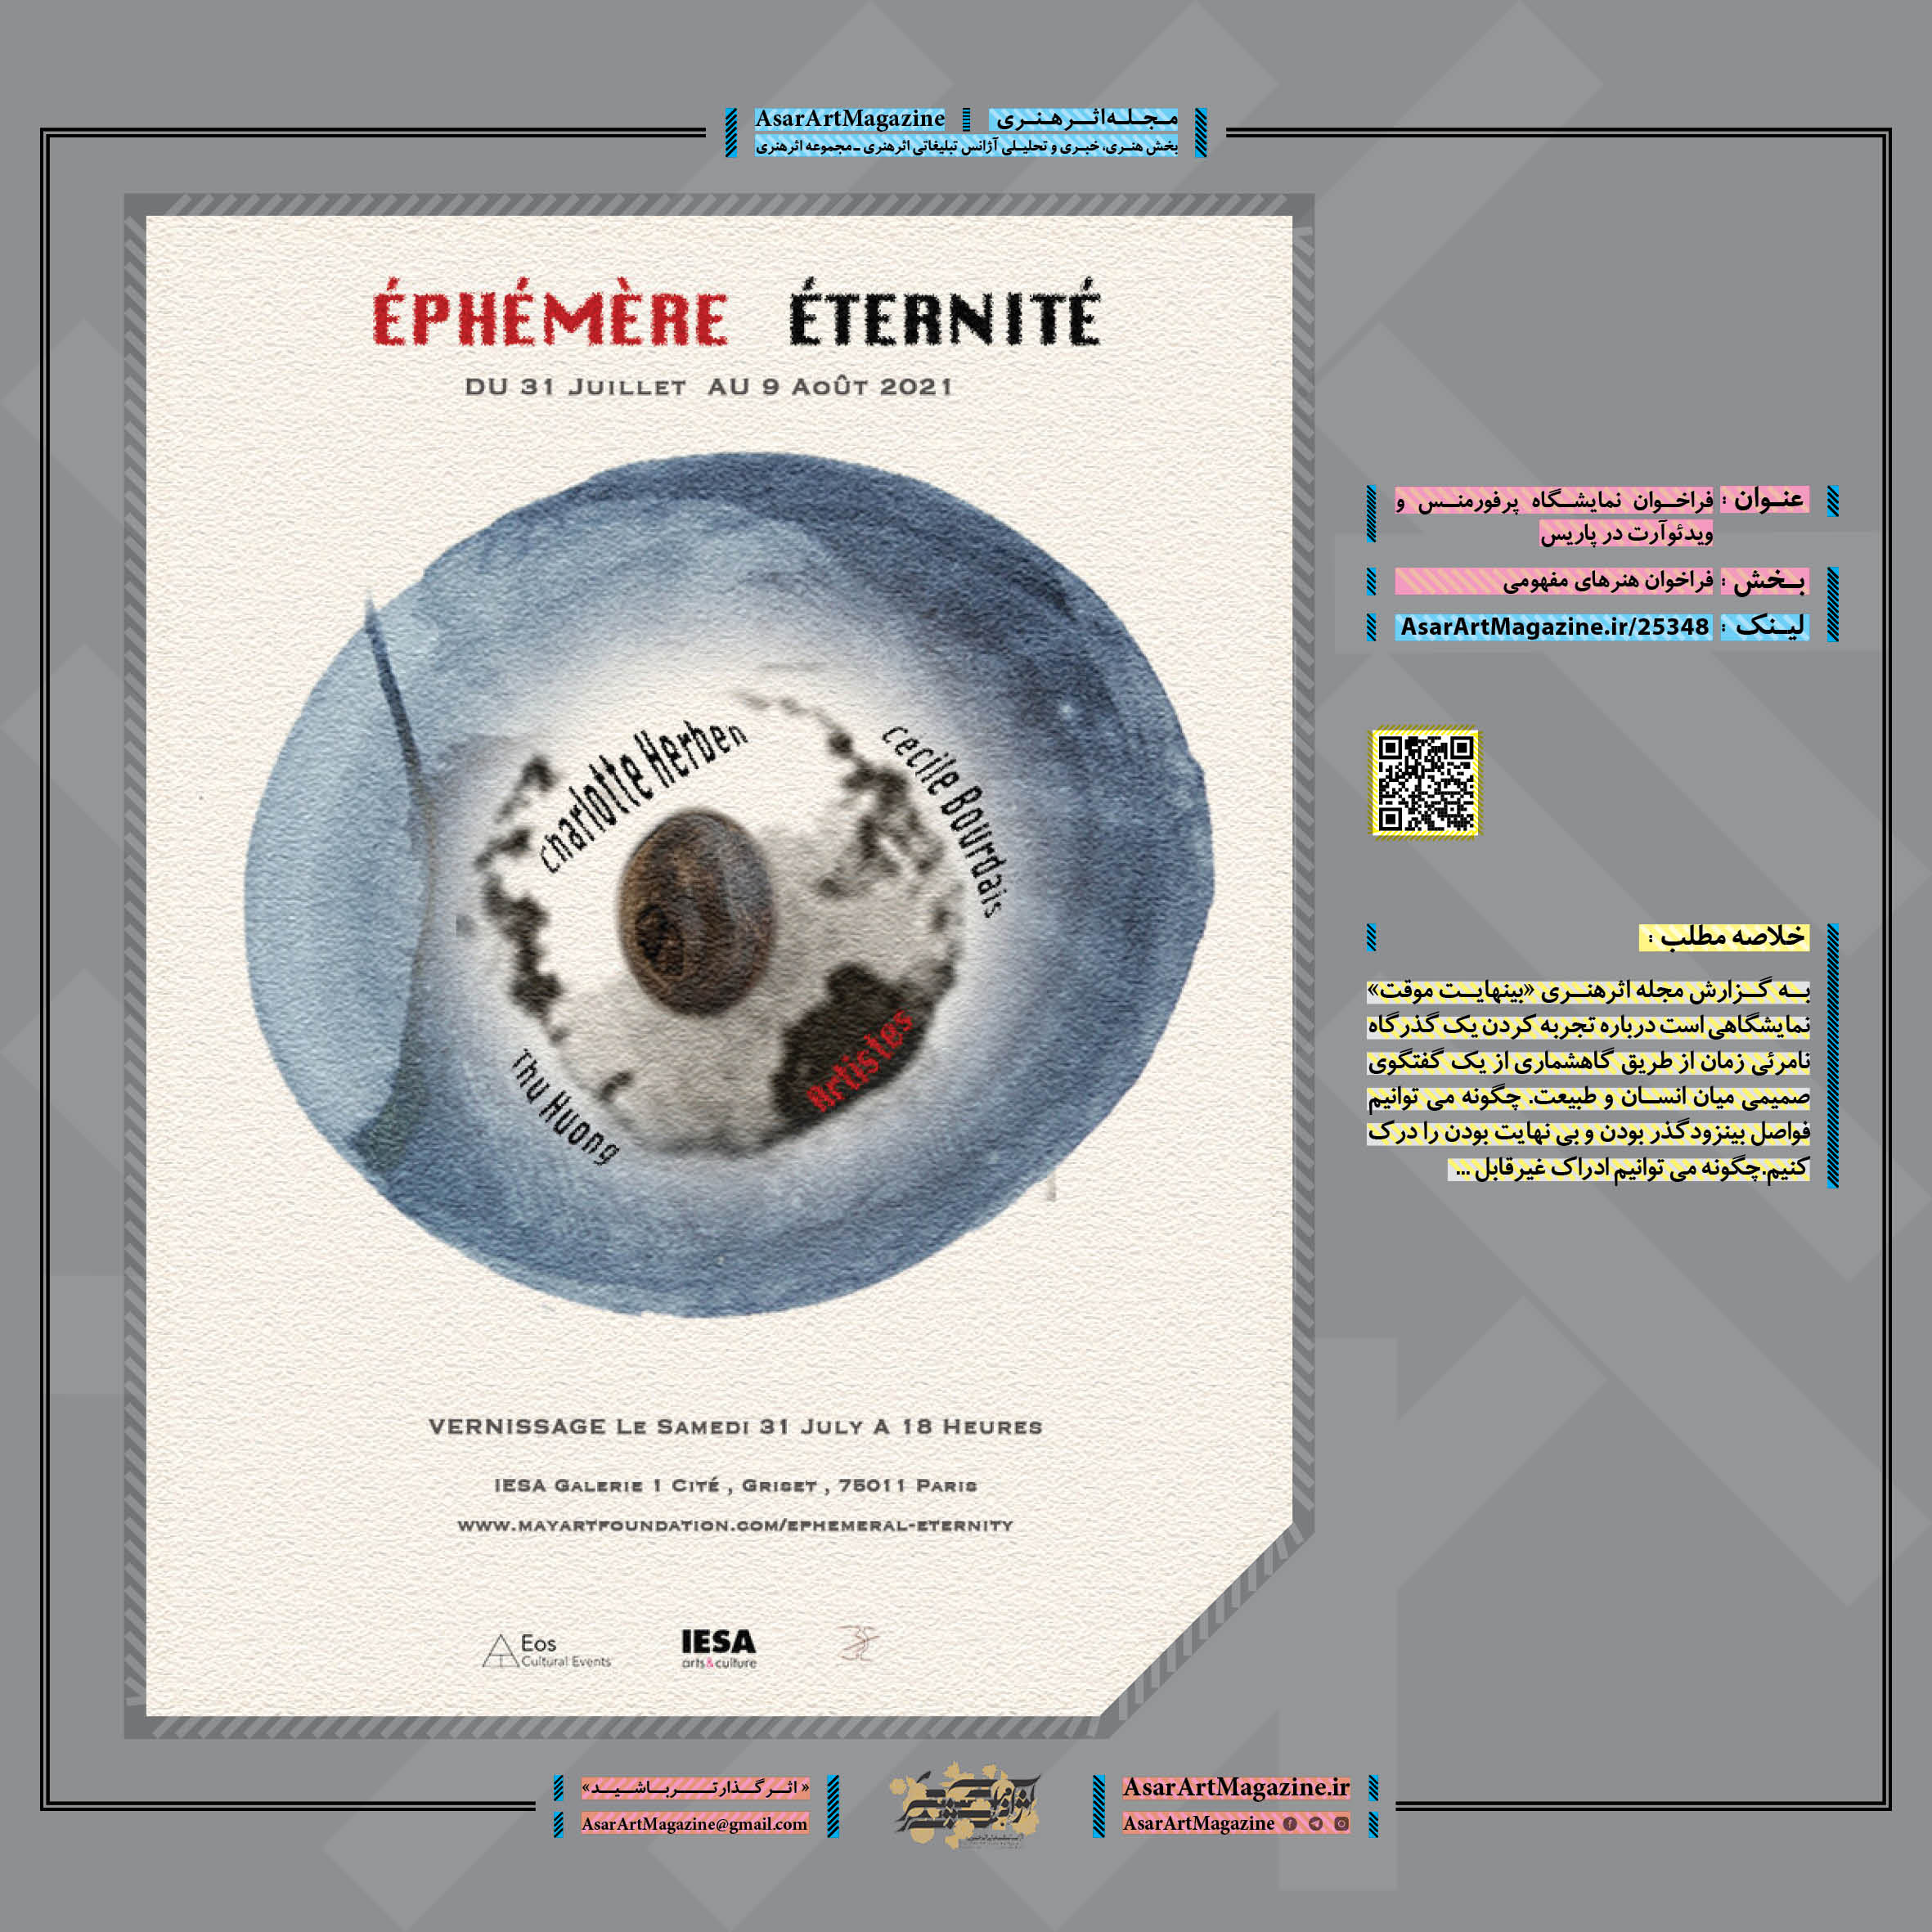 فراخوان نمایشگاه پرفورمنس و ویدئوآرت در پاریس  مجله اثرهنری ـ اثر هنری